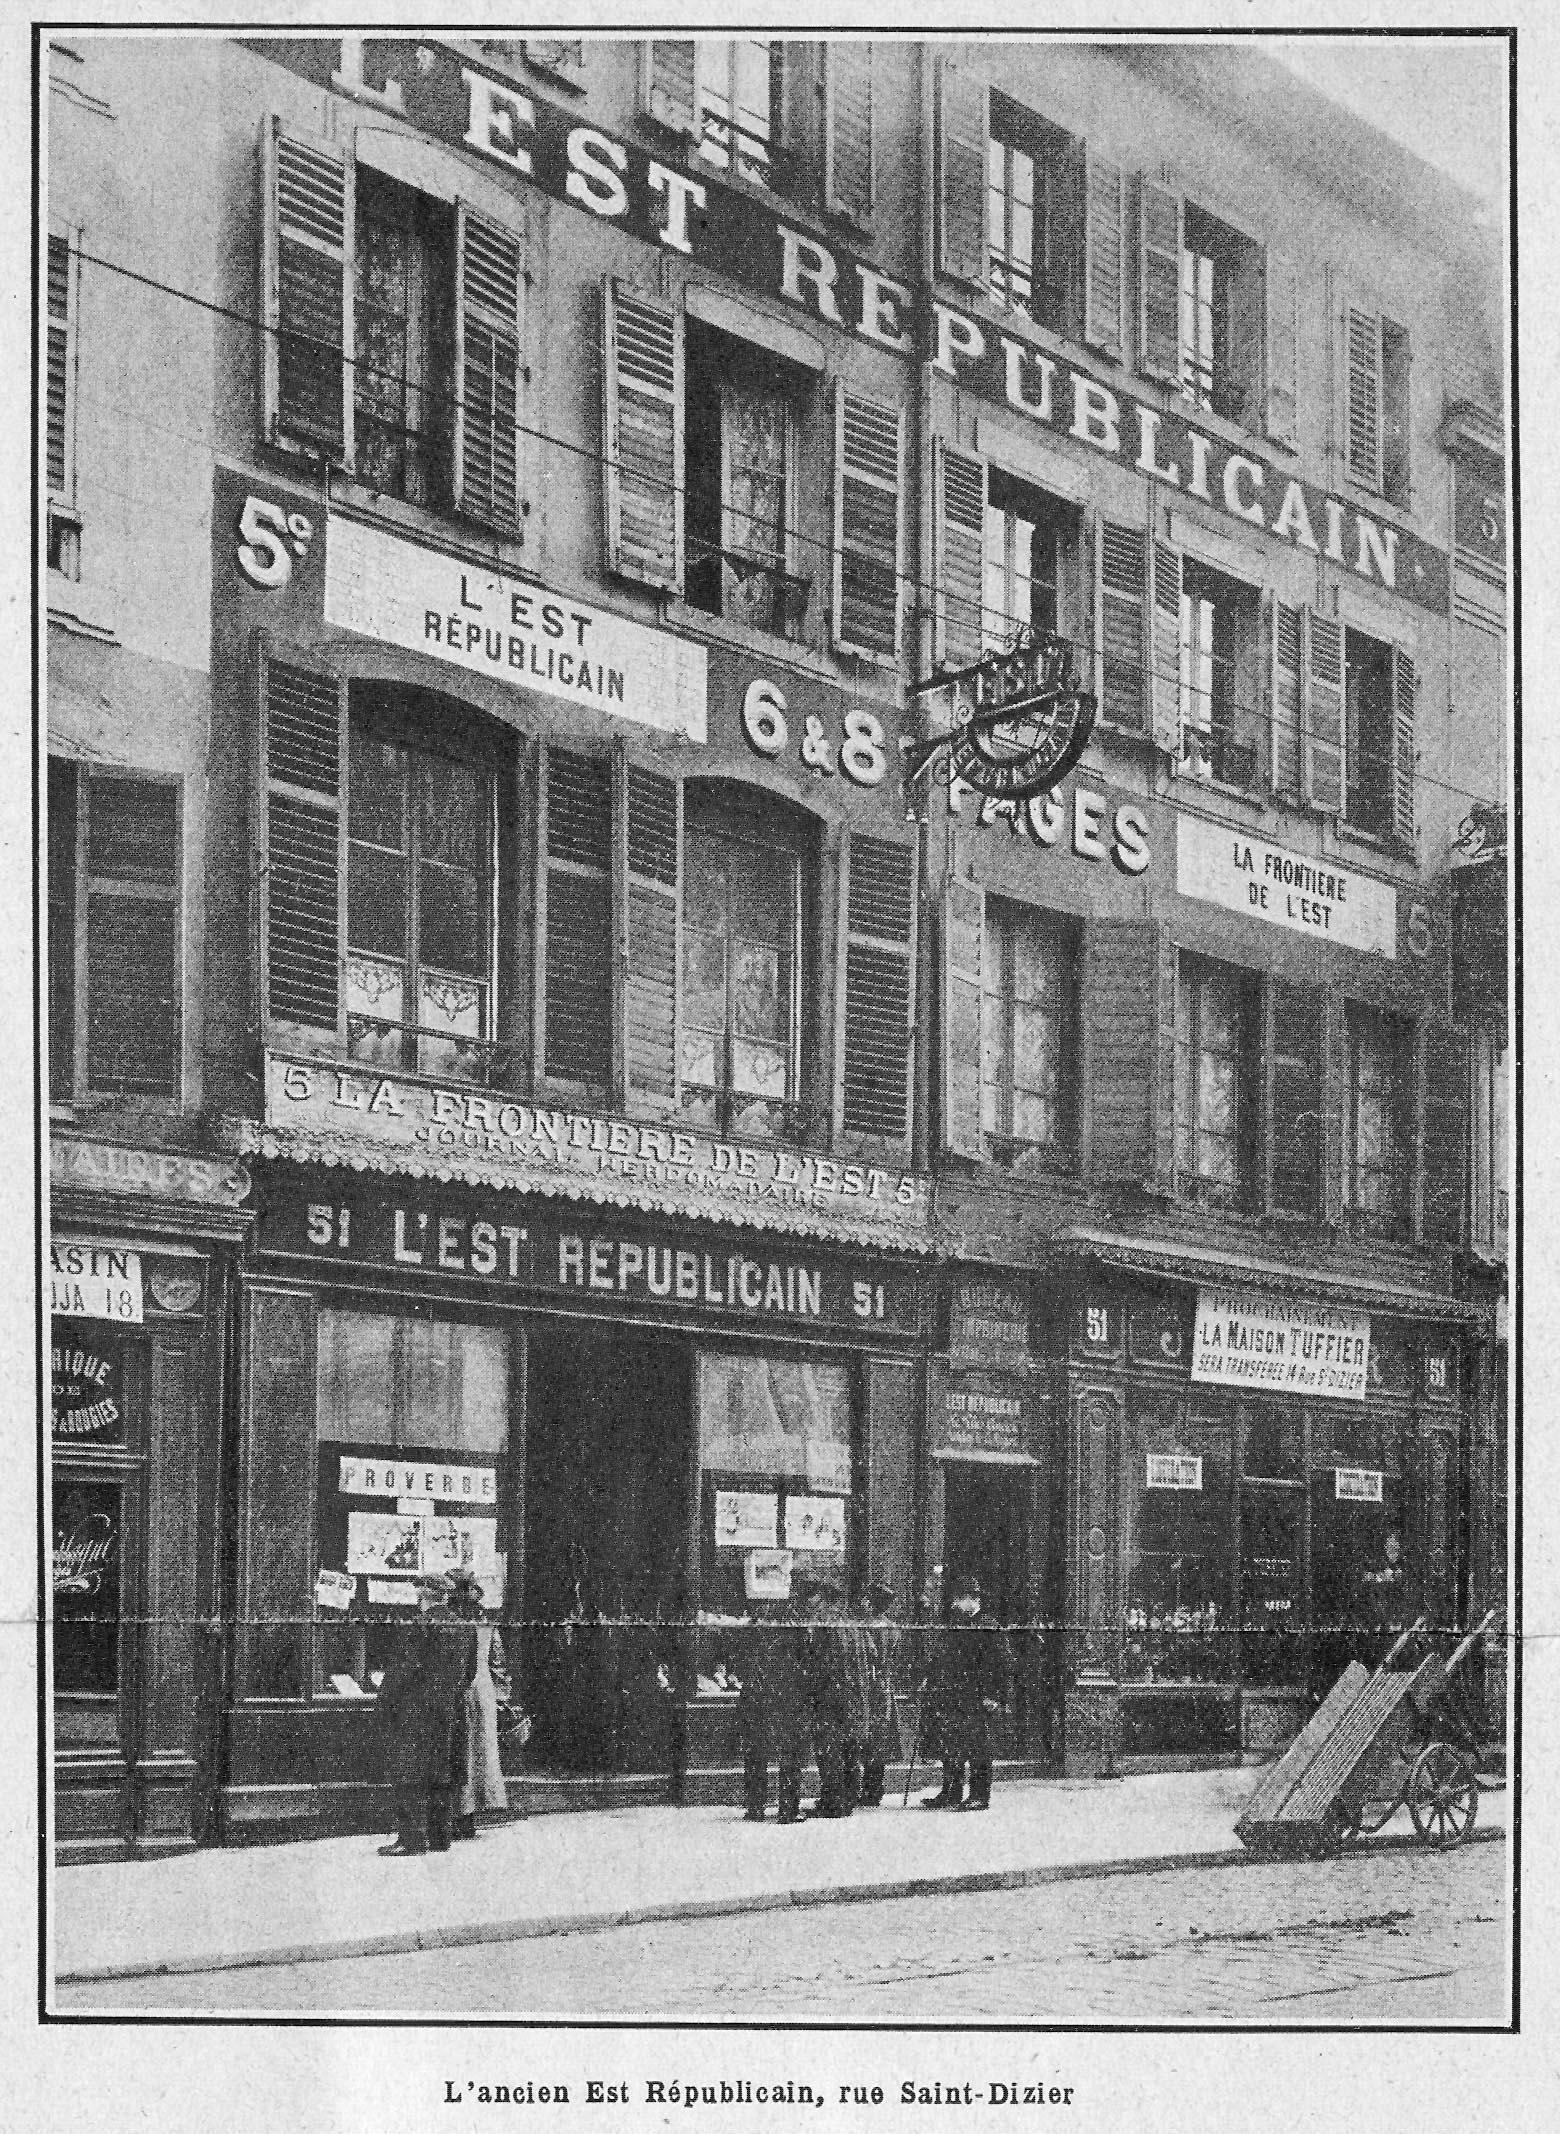 Contenu du L'ancien Est républicain, rue Saint-Dizier